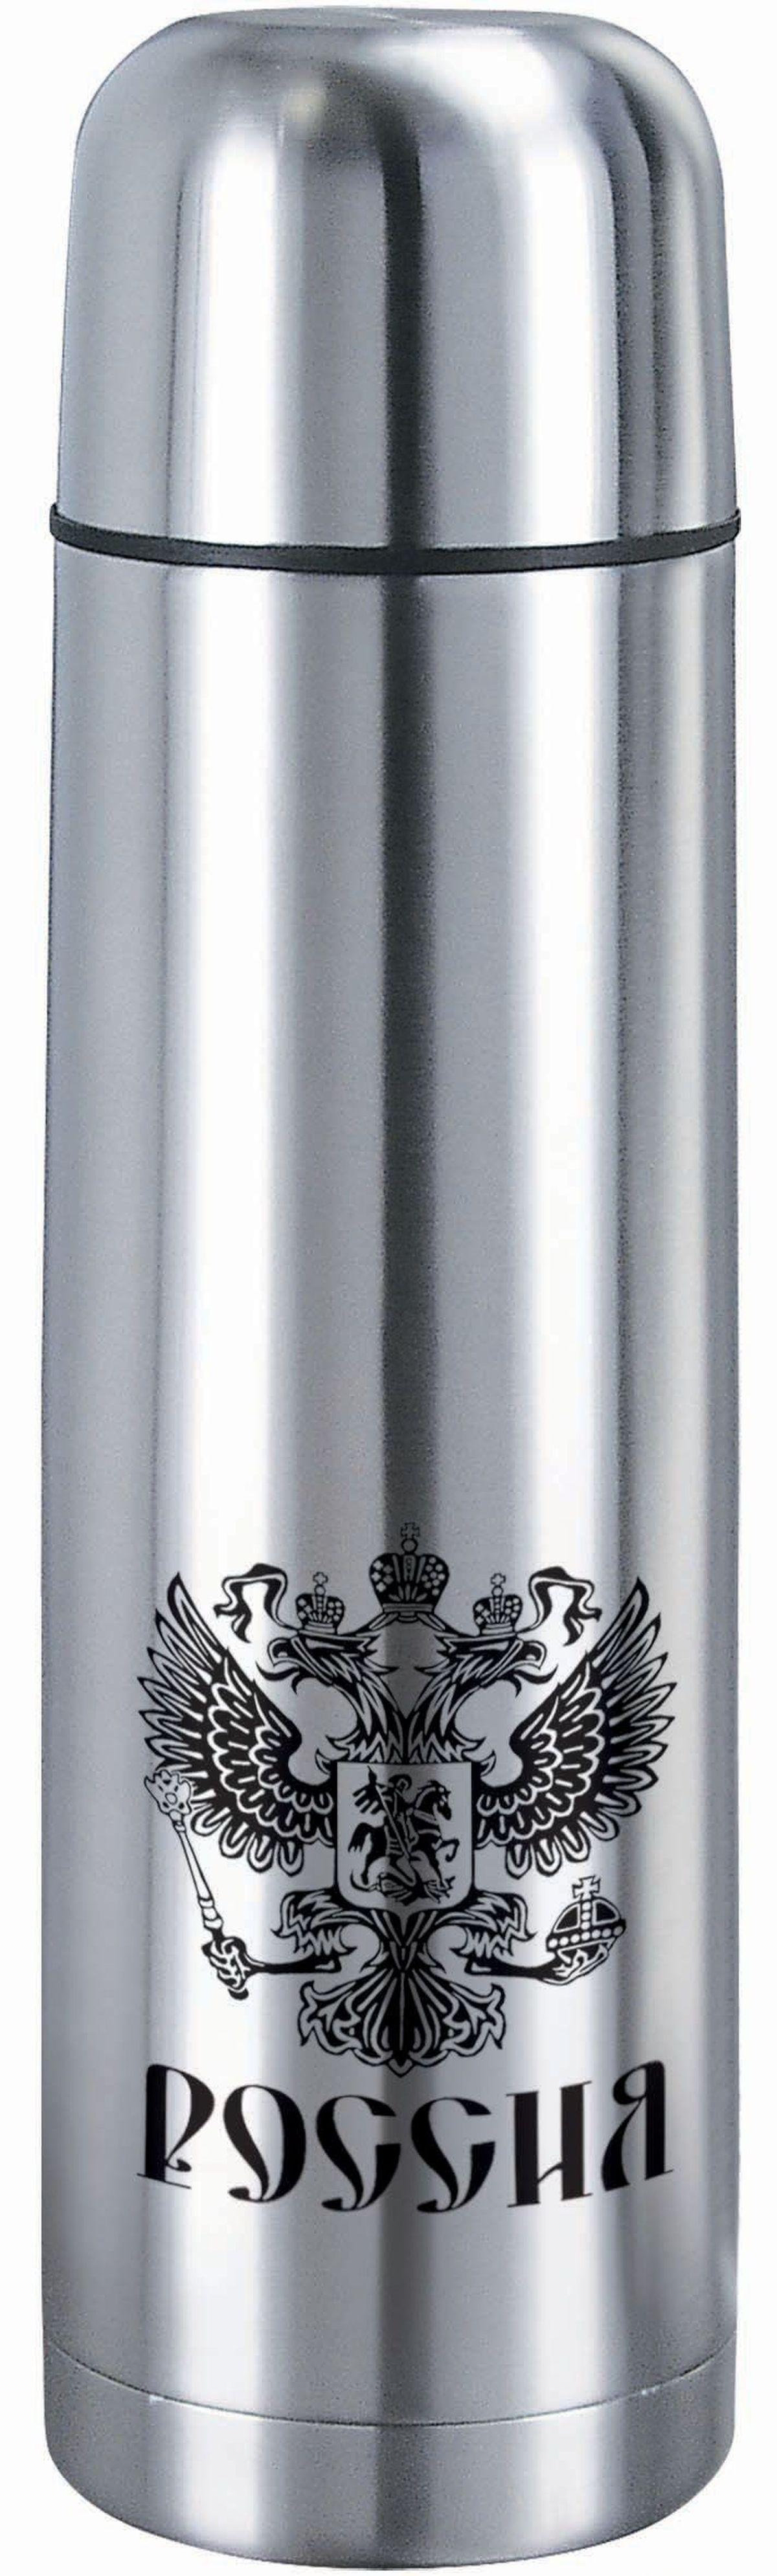 Термос Bekker, 0,5 л. BK-4117BK-4117Термос Bekker выполнен из качественной нержавеющей стали, которая не вступает в реакцию с содержимым термоса и не изменяет вкусовых качеств напитка. Двойная стенка из нержавеющей стали сохраняет температуру ваших напитков до 24 часов.Вакуумный закручивающийся клапан предохраняет от проливаний, а удобная кнопка-дозатор избавит от необходимости каждый раз откручивать крышку. Крышку можно использовать как чашку. Данная модель термоса прочная, долговечная и в тоже время легкая.Стильный металлический термос понравится абсолютно всем и впишется в любой интерьер кухни.Не рекомендуется мыть в посудомоечной машине.